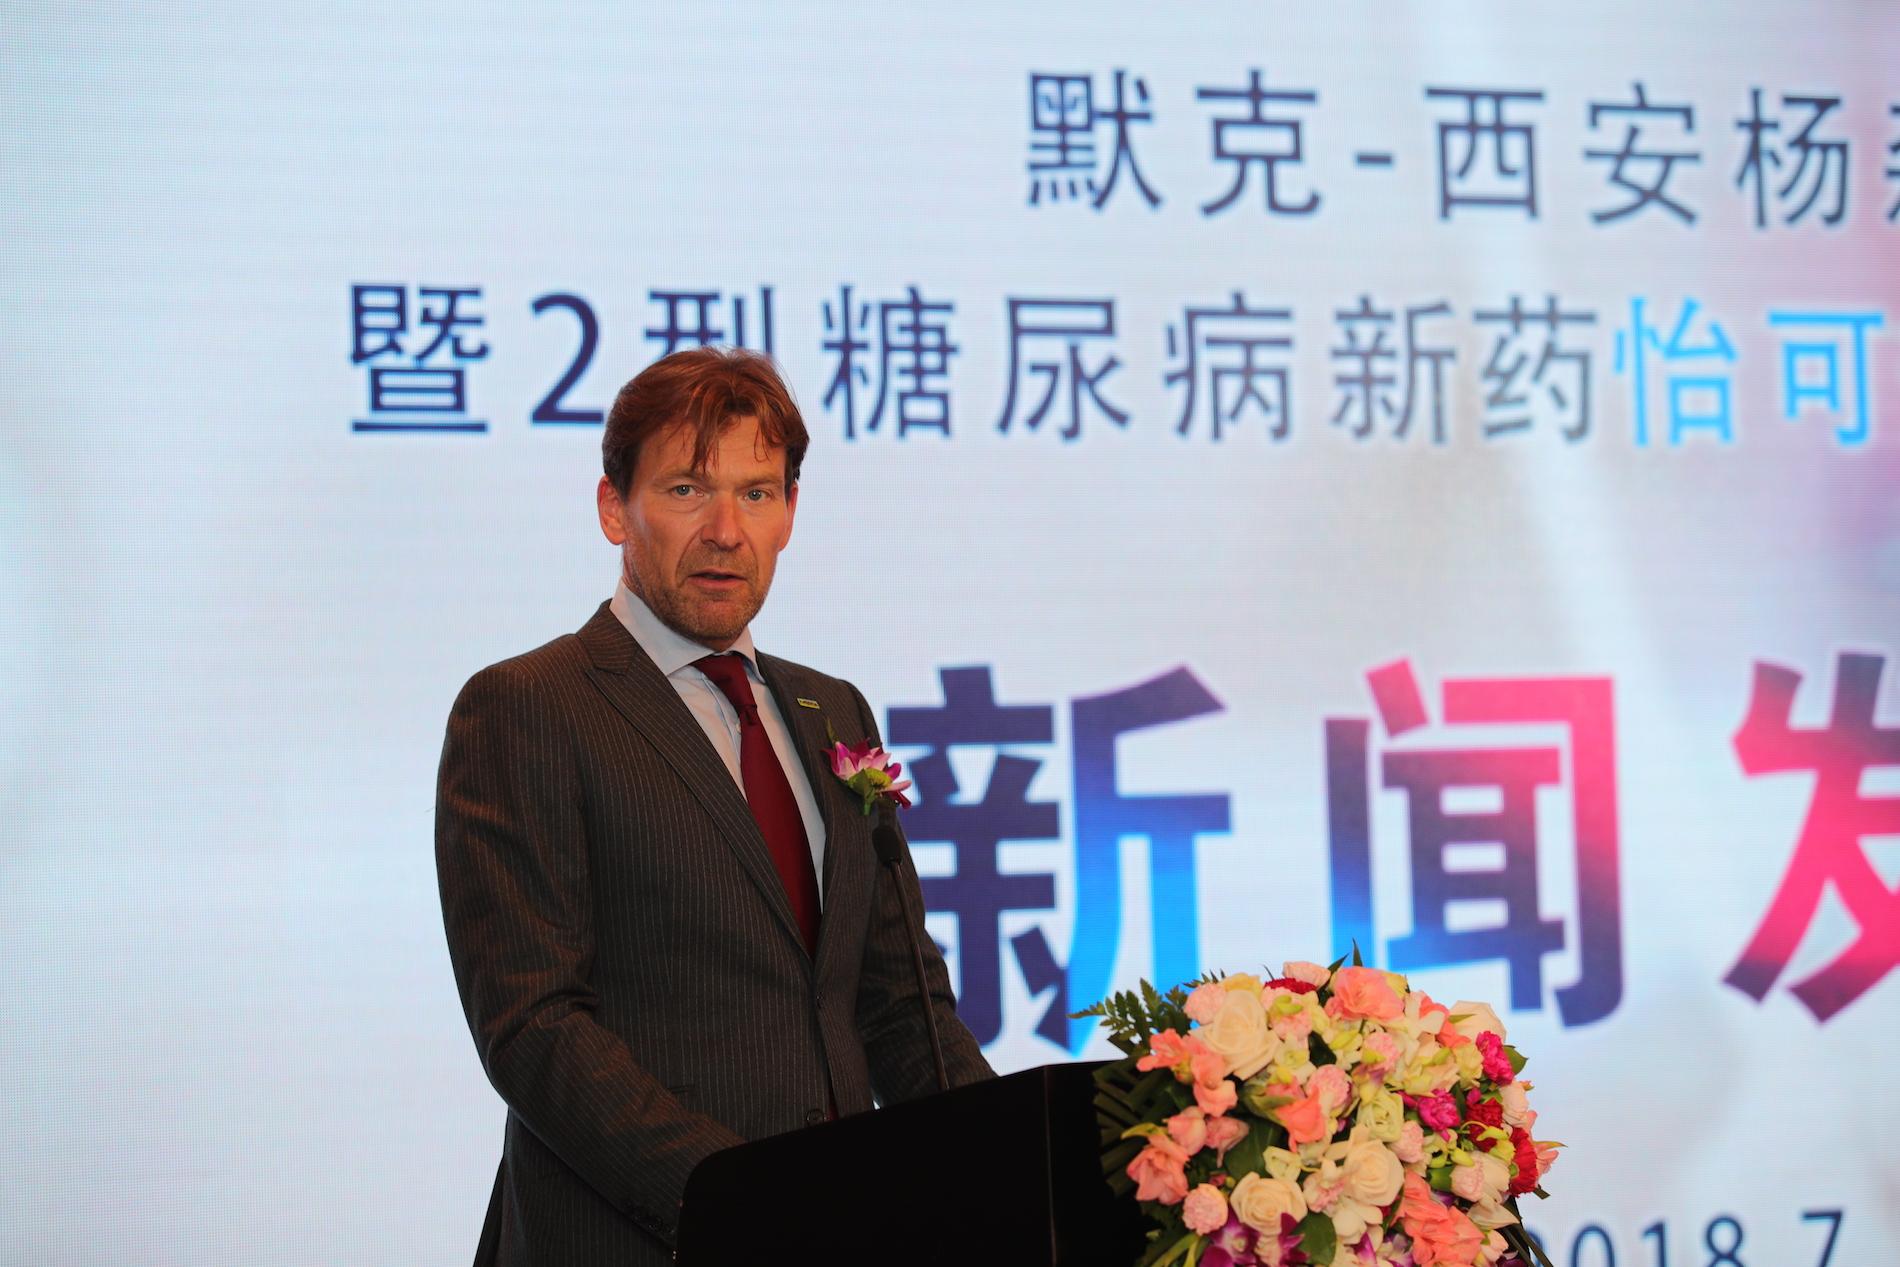 默克宣布与西安杨森合作,在中国推出2型糖尿病治疗新型药物怡可安(卡